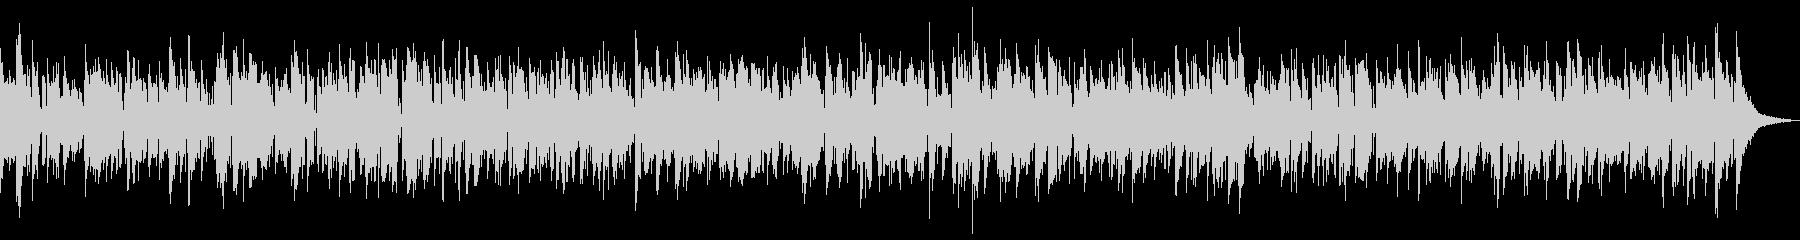 ボサノバアルトサックスの未再生の波形